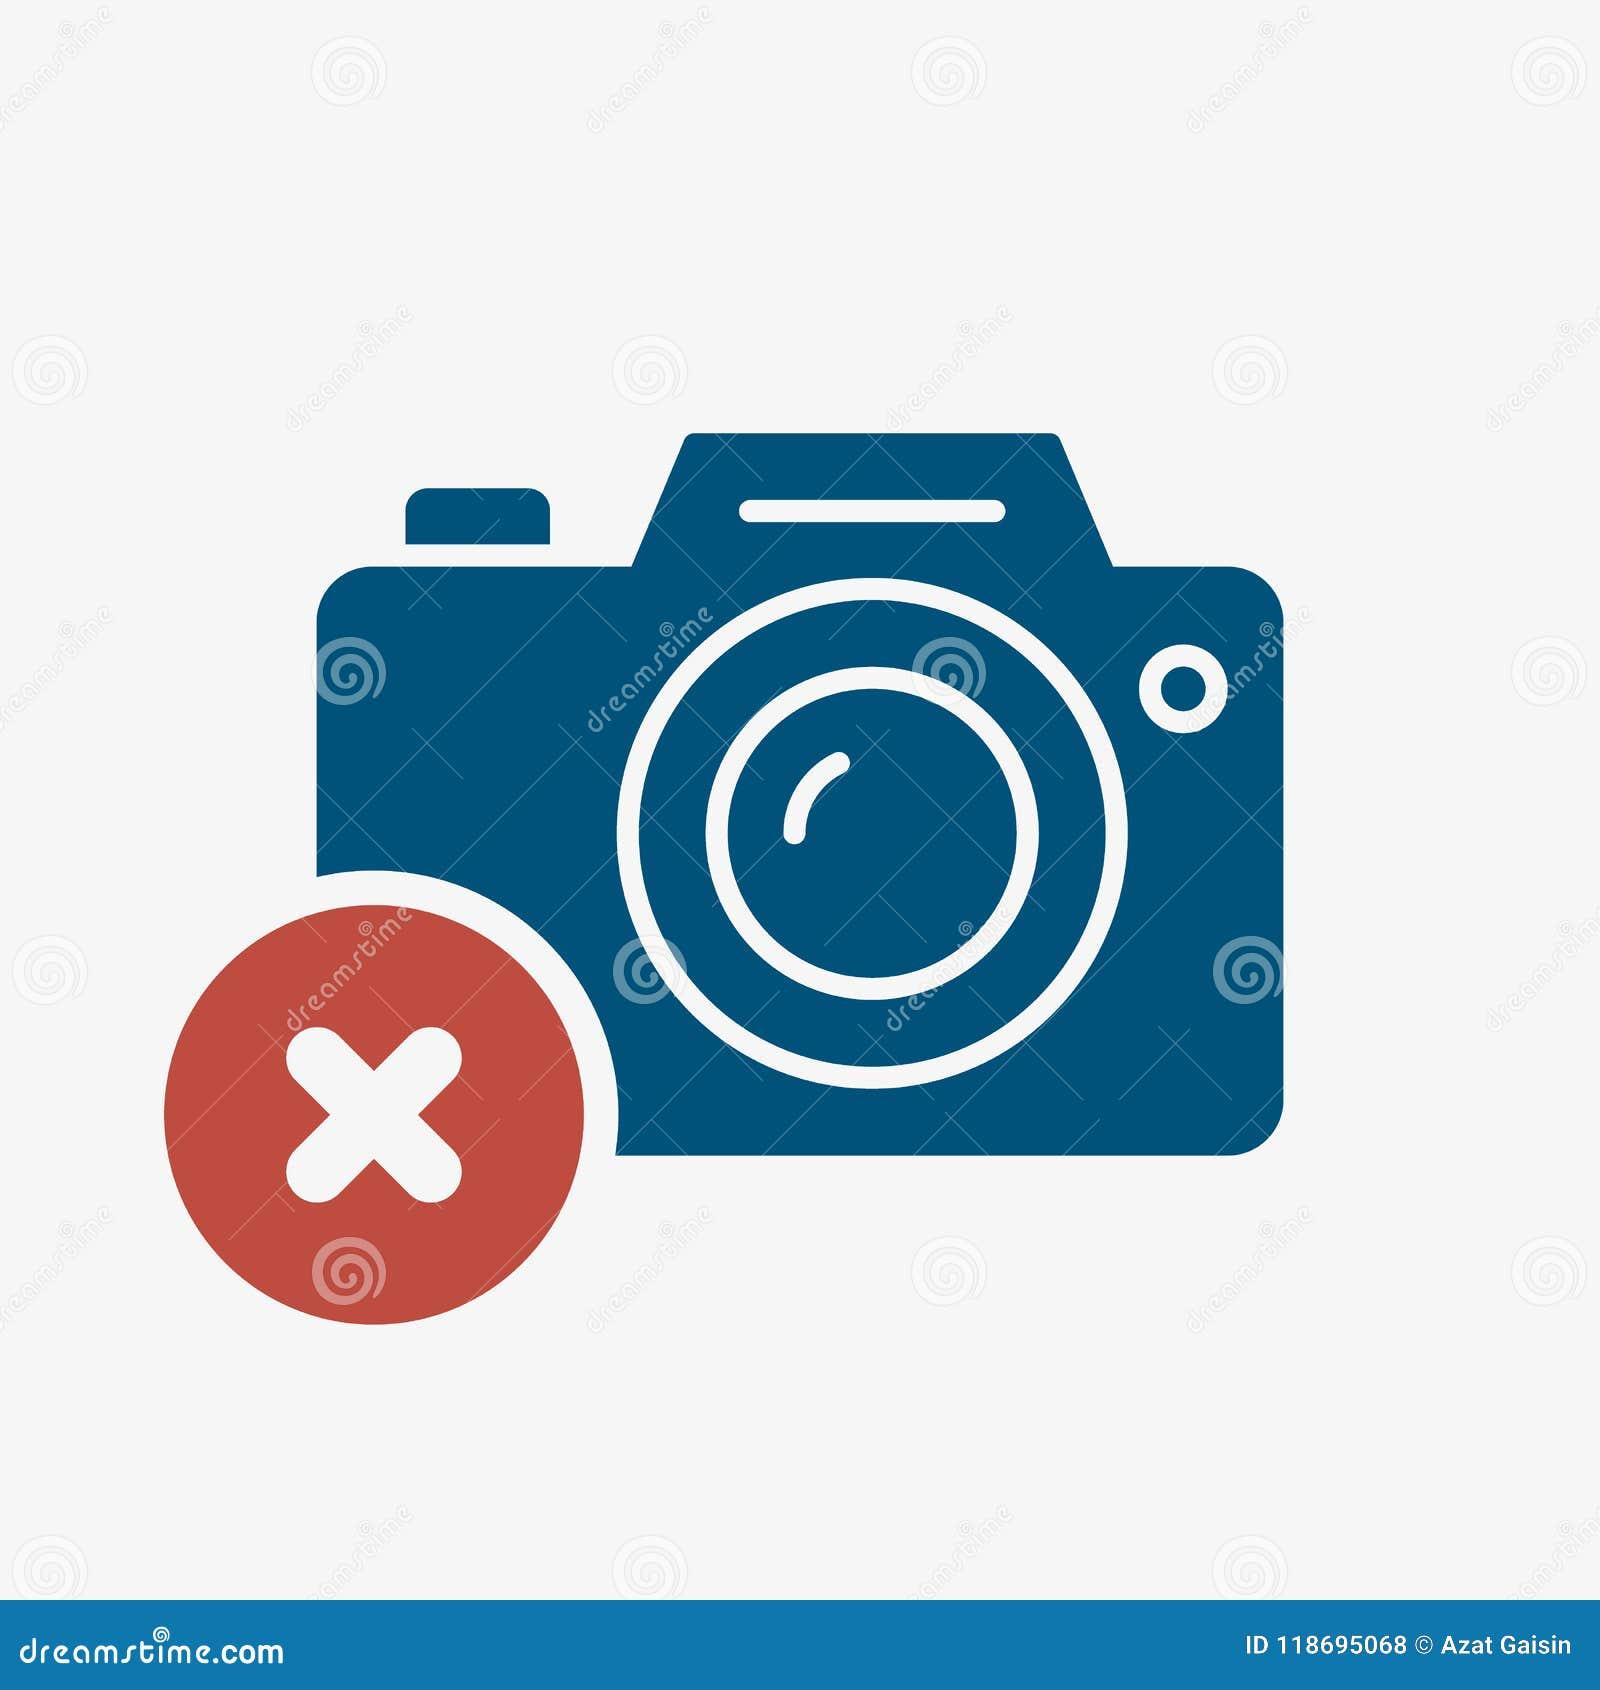 Fotokamerasymbol, teknologisymbol med annulleringstecknet Fotokamerasymbolen och stänger, tar bort, tar bort symbol